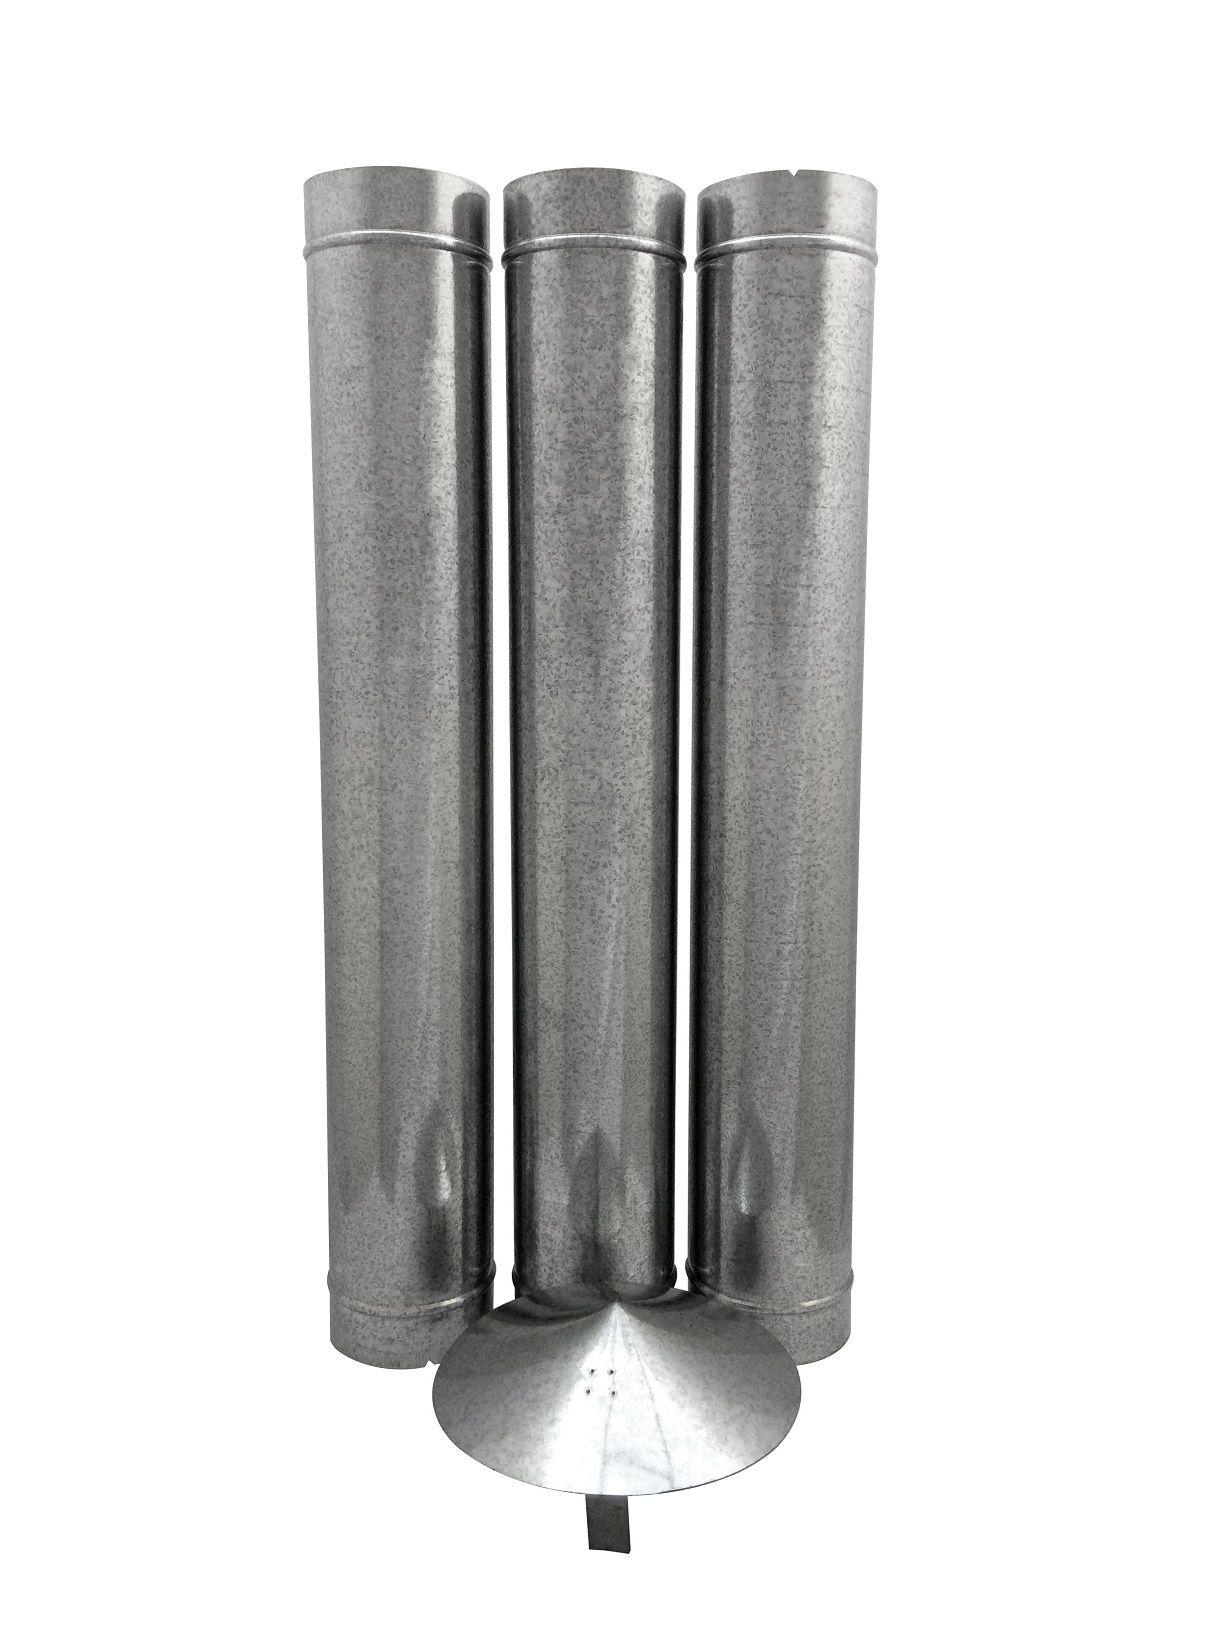 1,80 m de duto galvanizado de 115 mm de diâmetro com chapéu chinês  - Galvocalhas